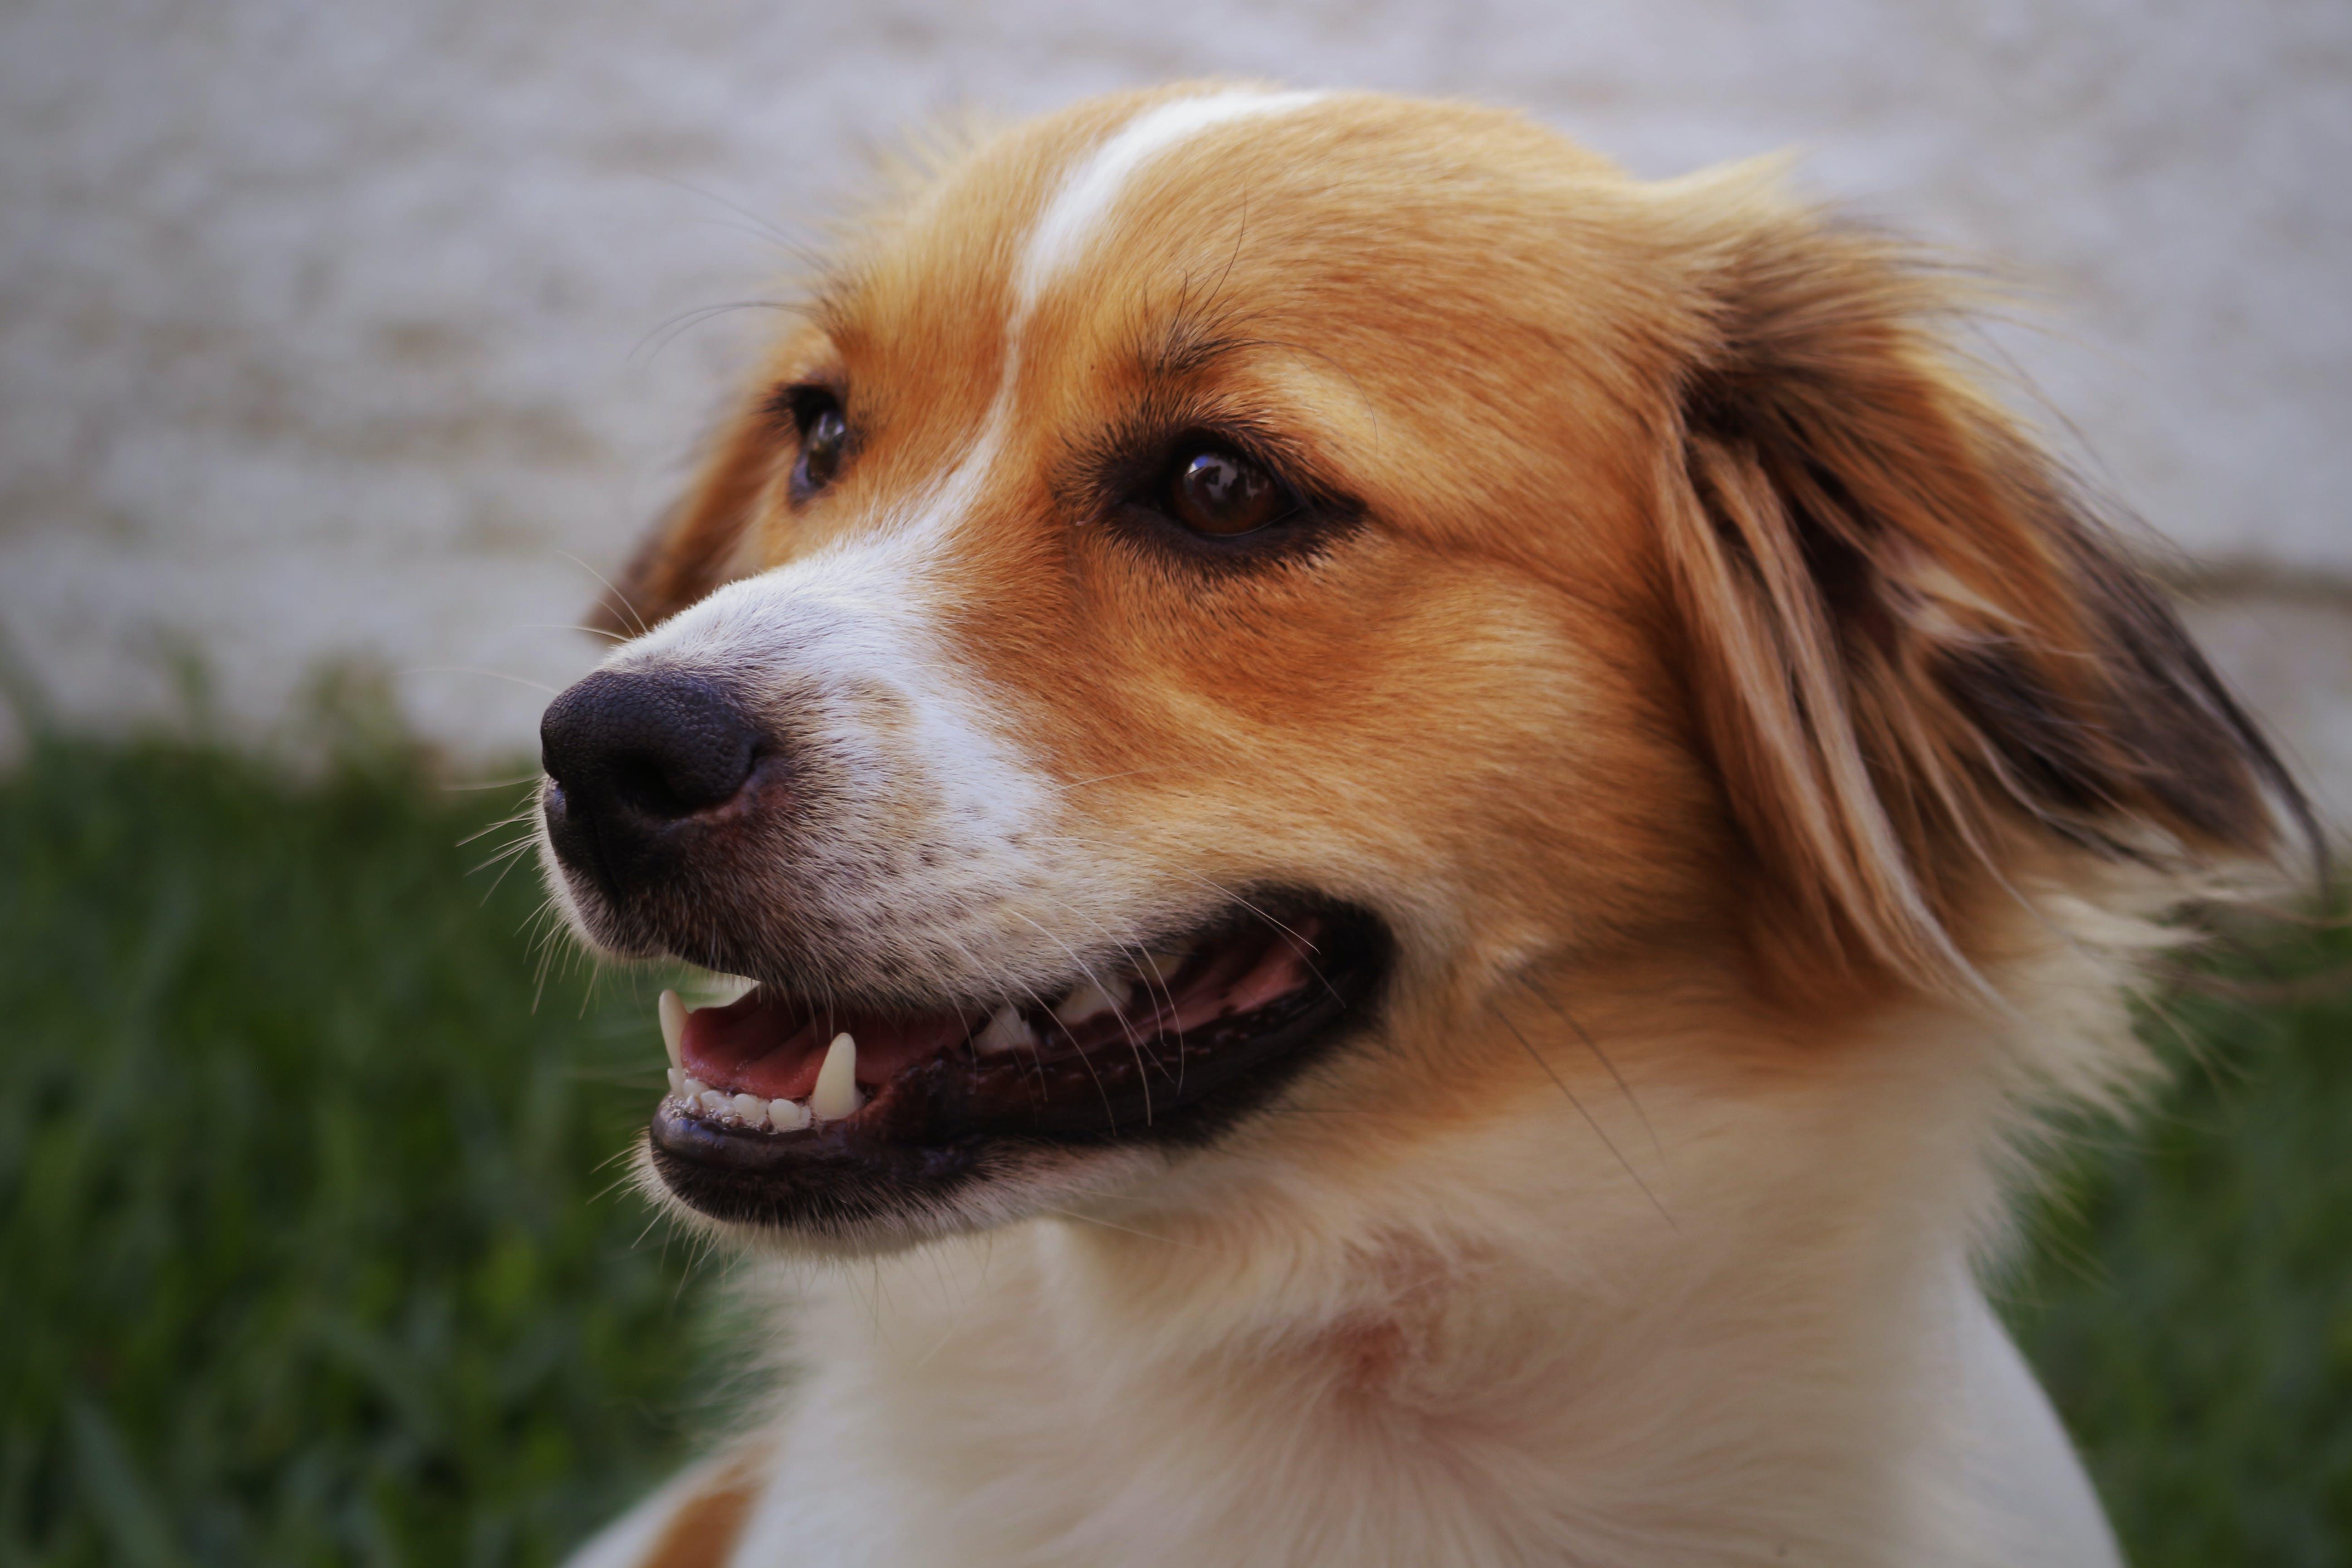 Kostenloses Stock Foto zu fotografie, haustier hund, haustiere, hund